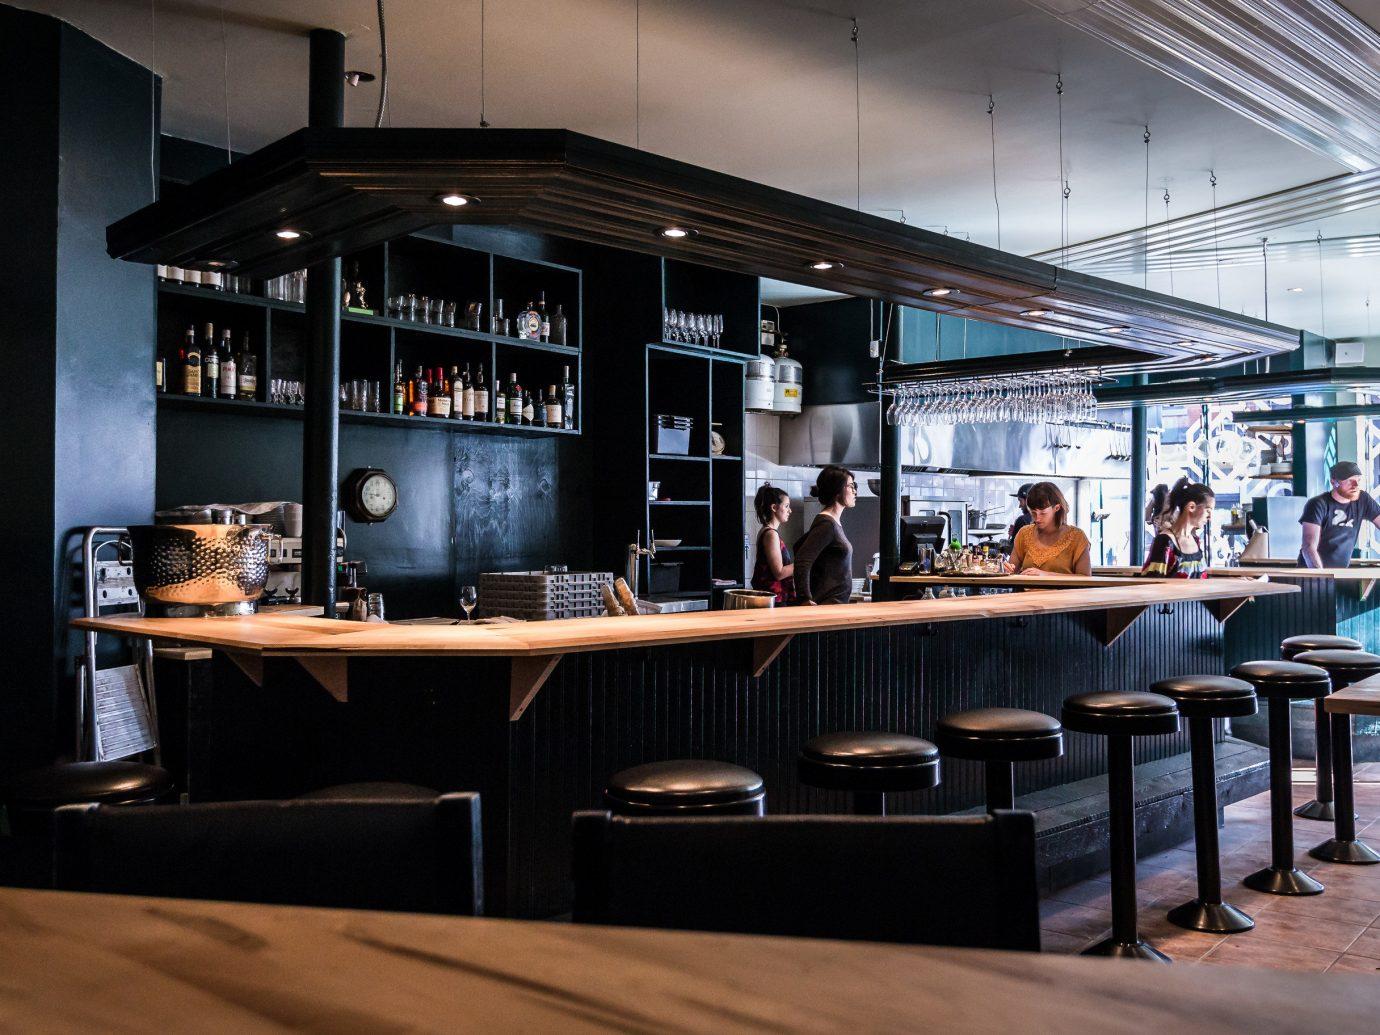 Food + Drink indoor ceiling room Bar interior design Design restaurant several